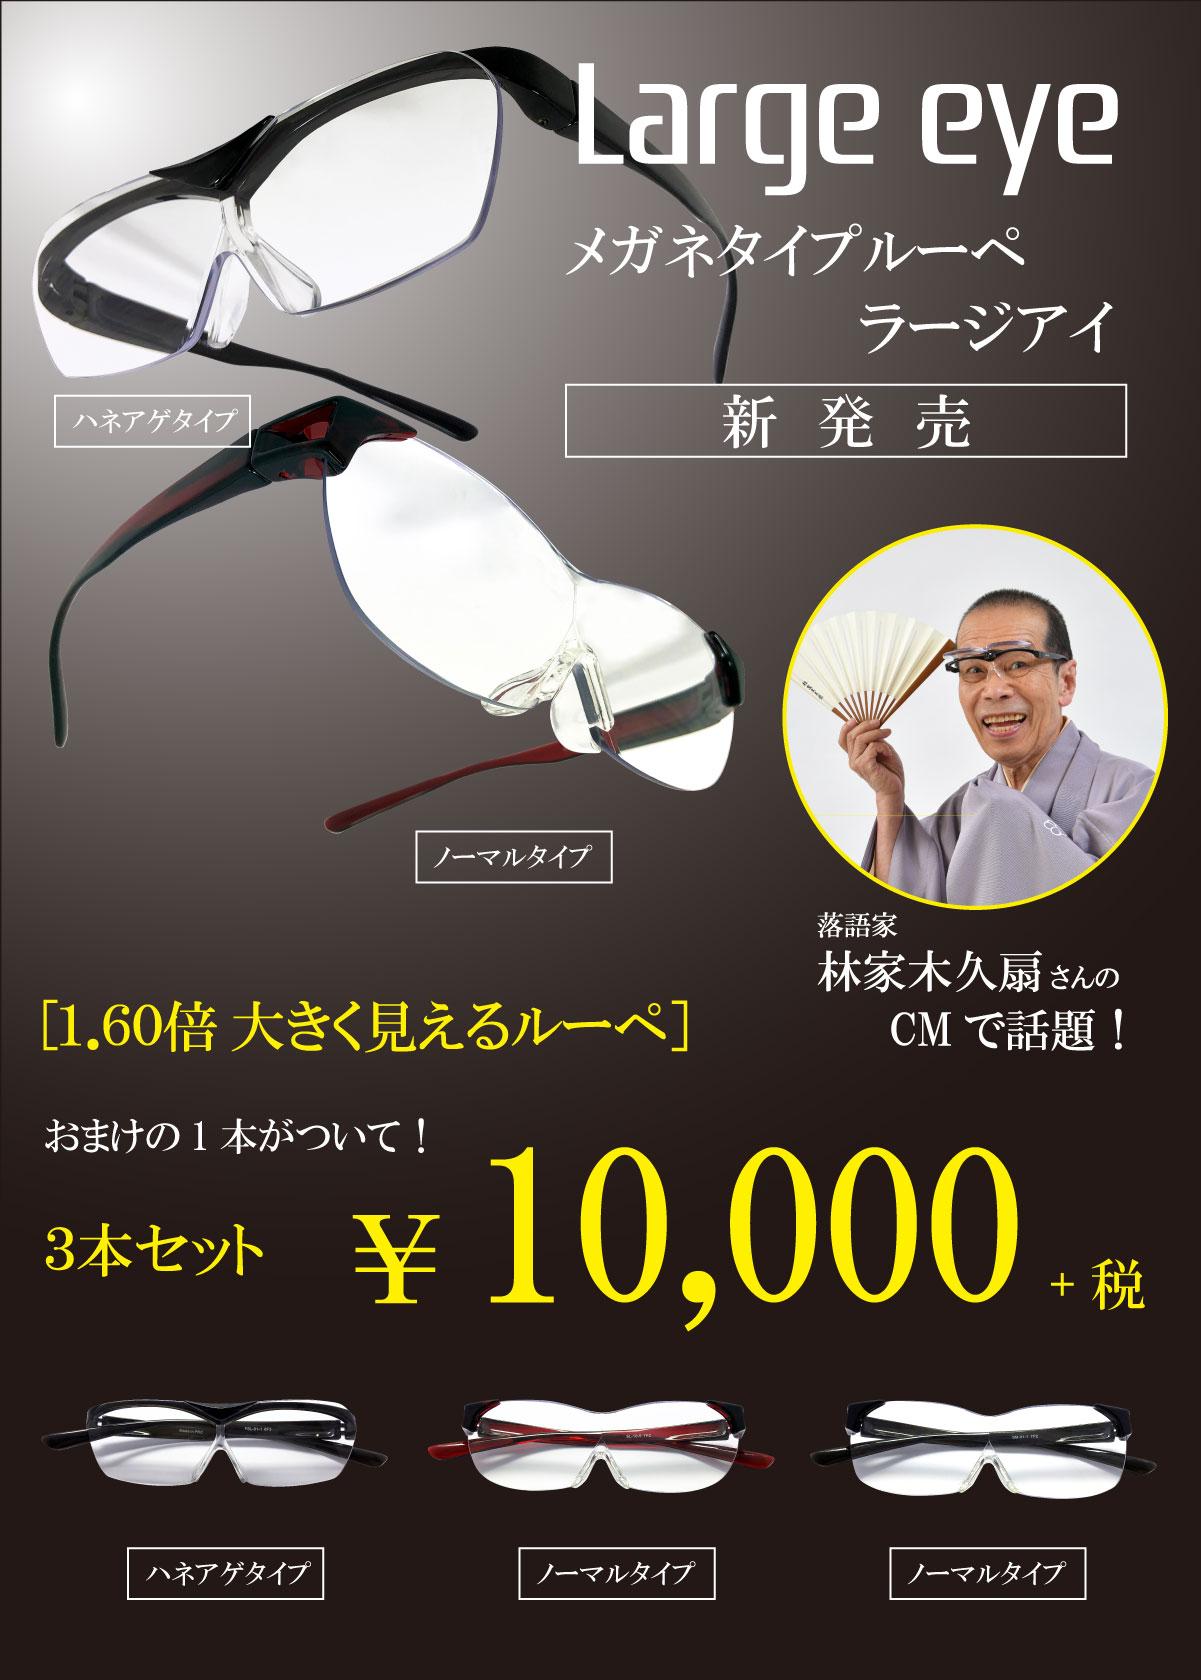 ラージアイ価格説明3本セットで10,000円